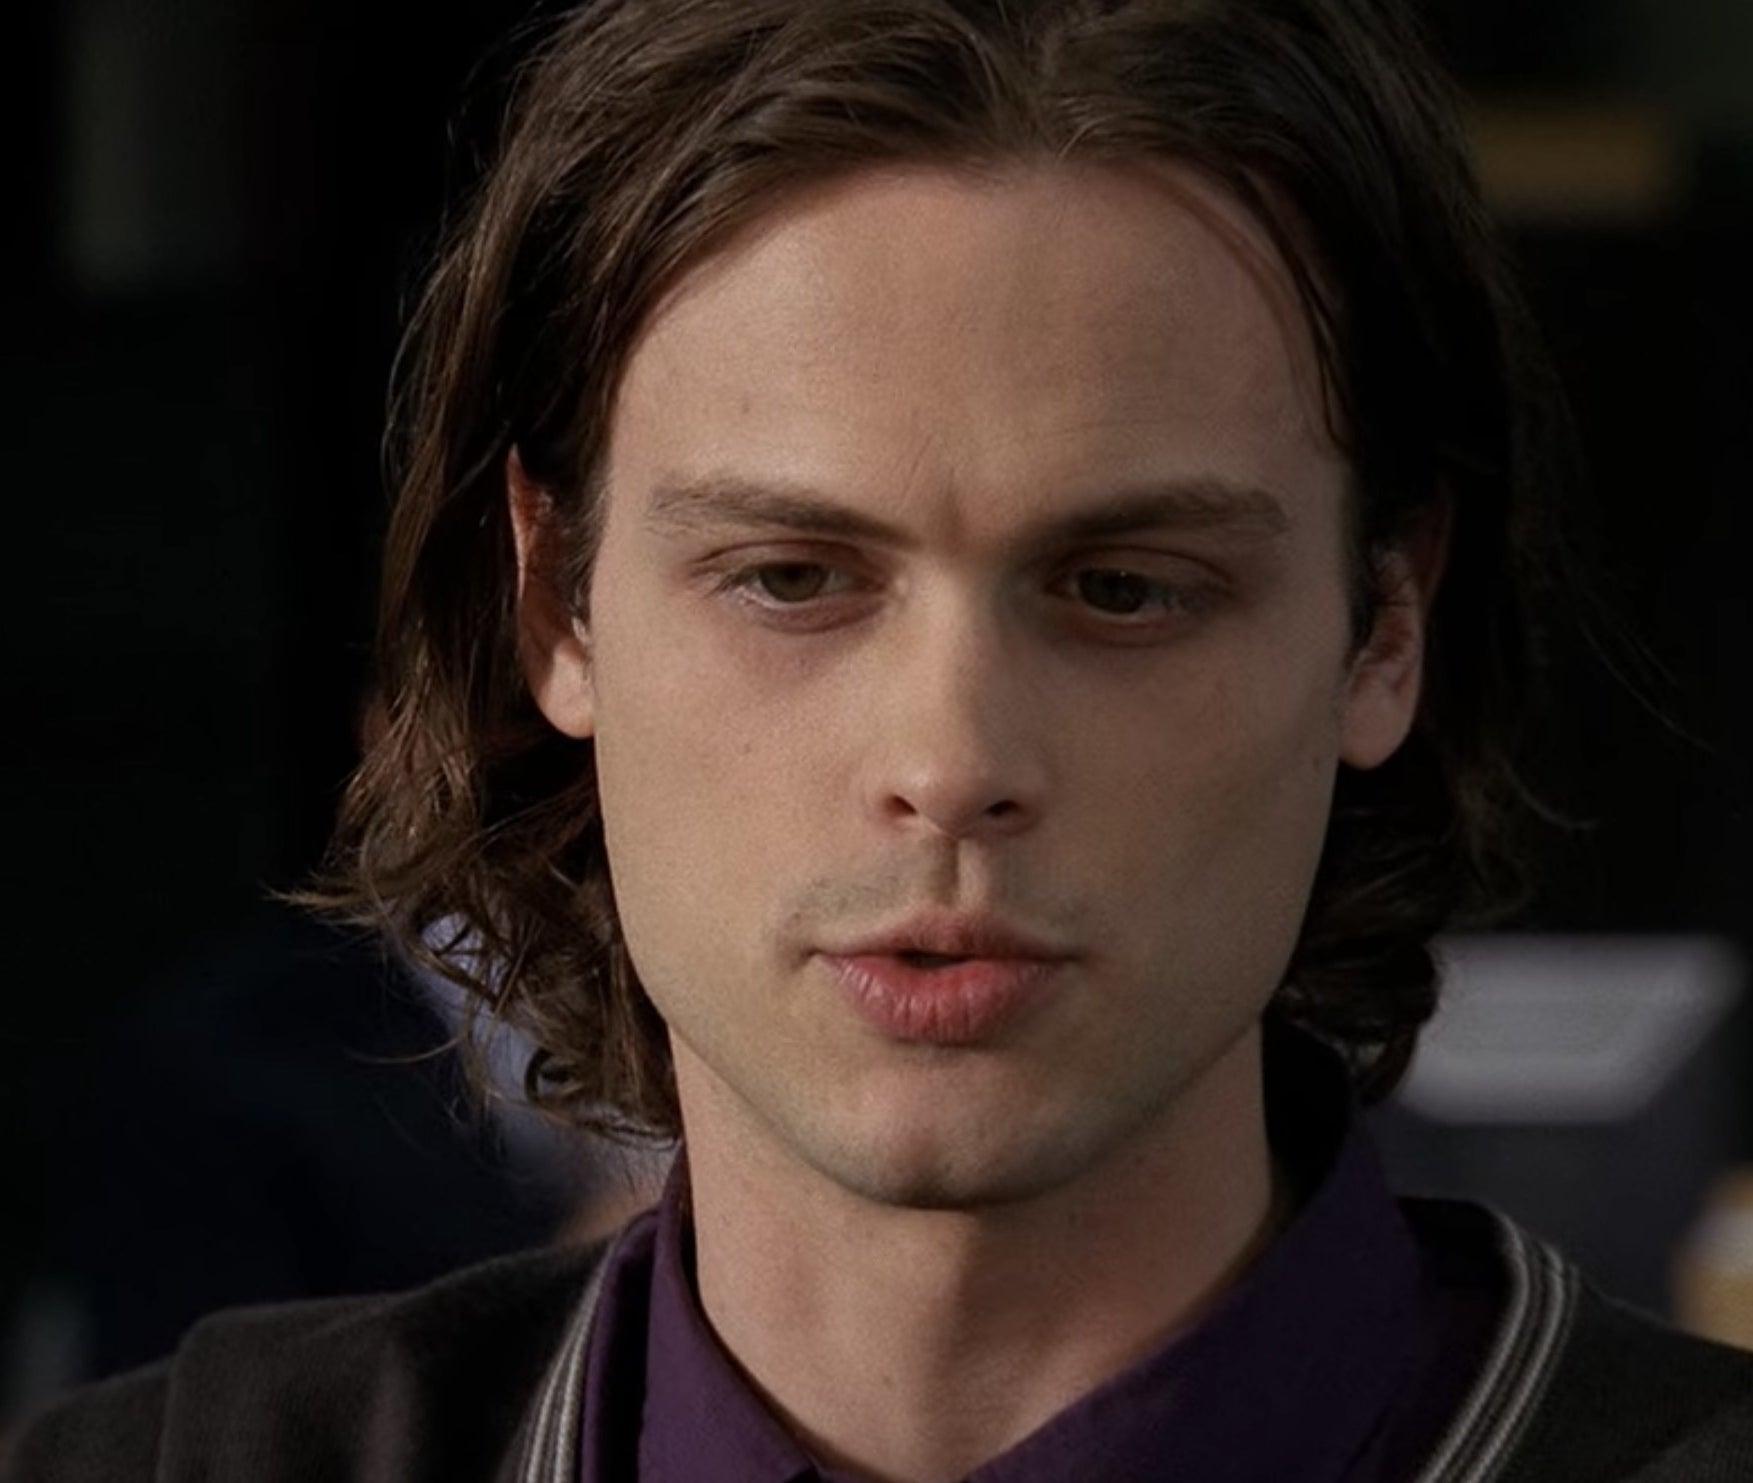 Spencer Reid from Criminal Minds talking